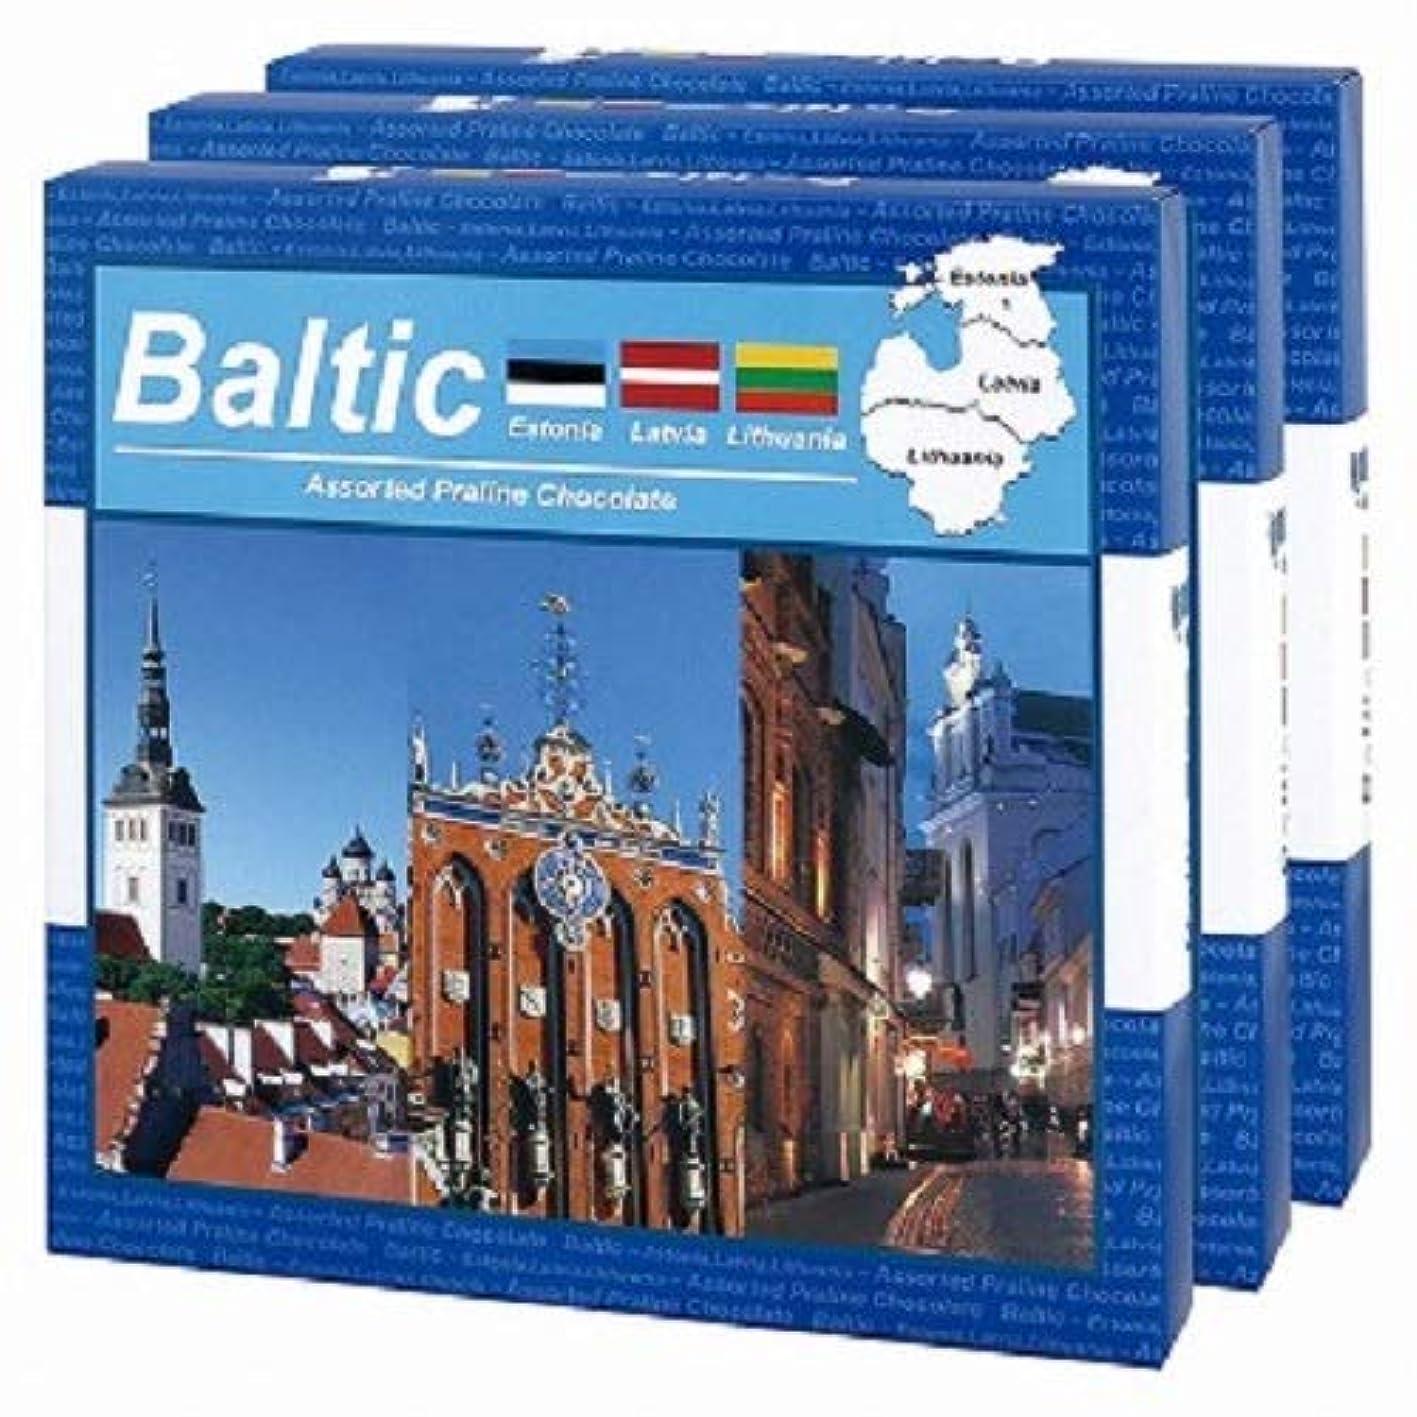 森林怒る腕バルト(Baltic)アソートチョコレート3箱セット【バルト三国 海外土産 輸入食品 スイーツ】